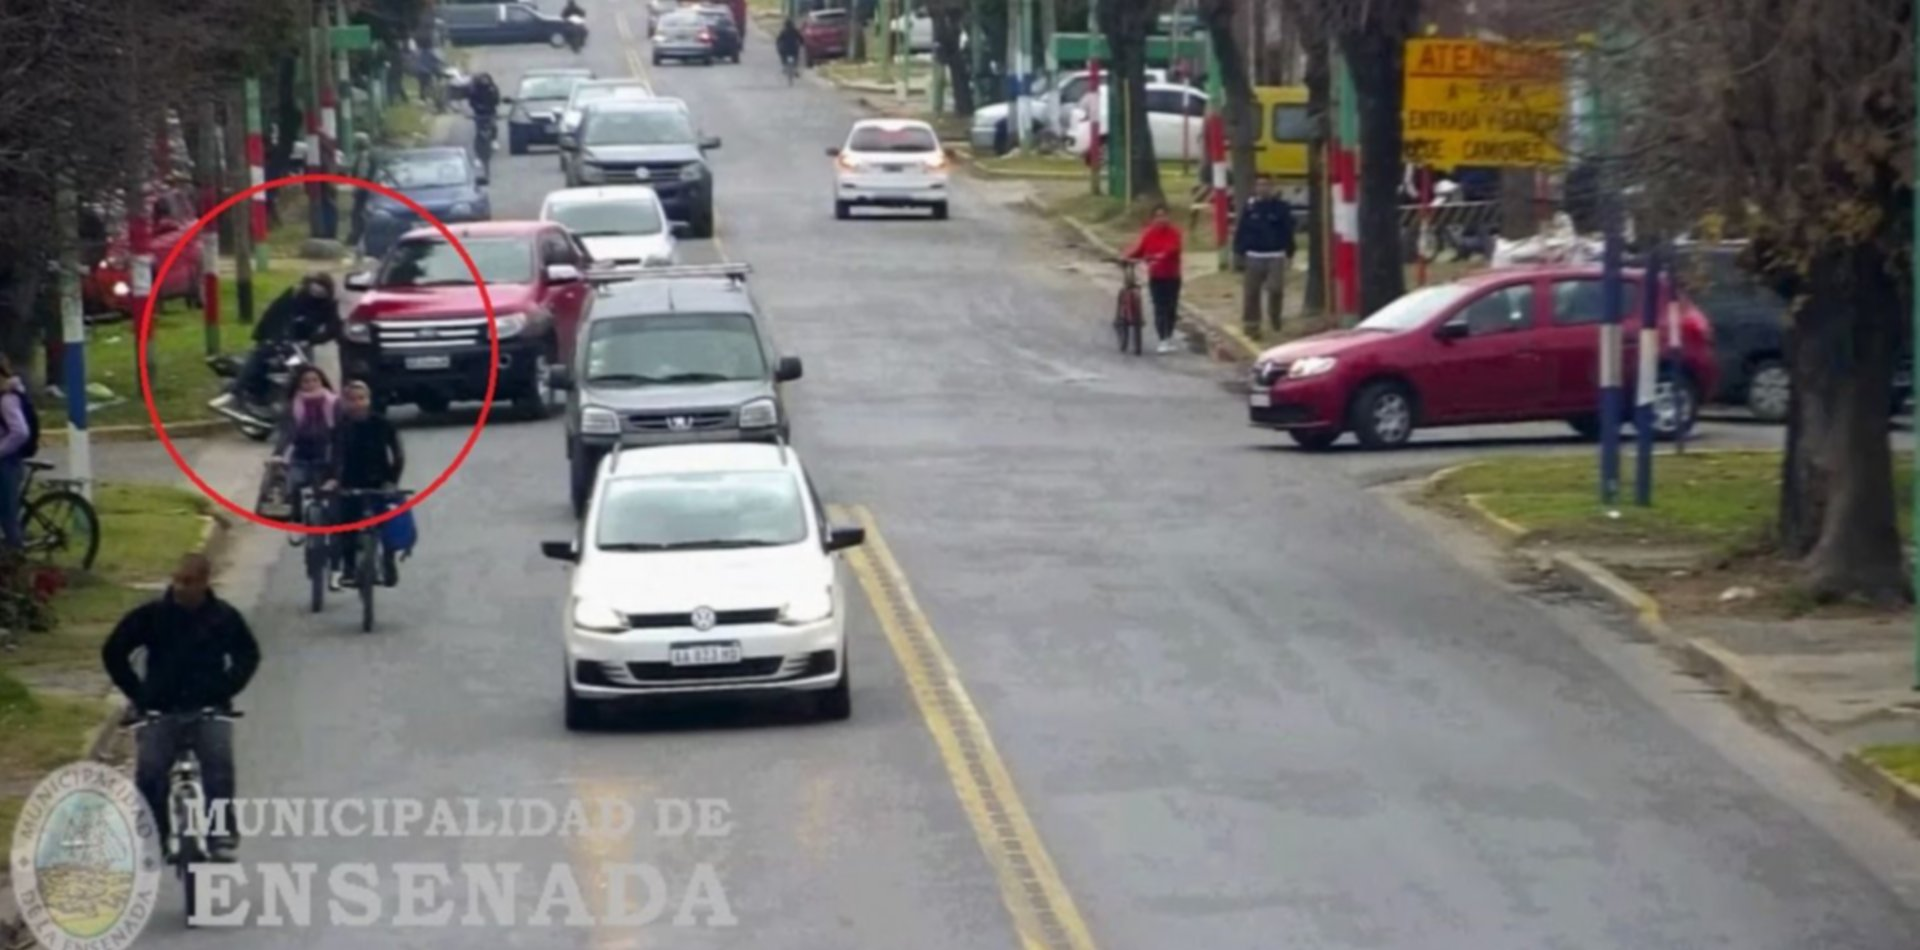 VIDEO: Un motociclista terminó en el hospital tras ser chocado por una camioneta